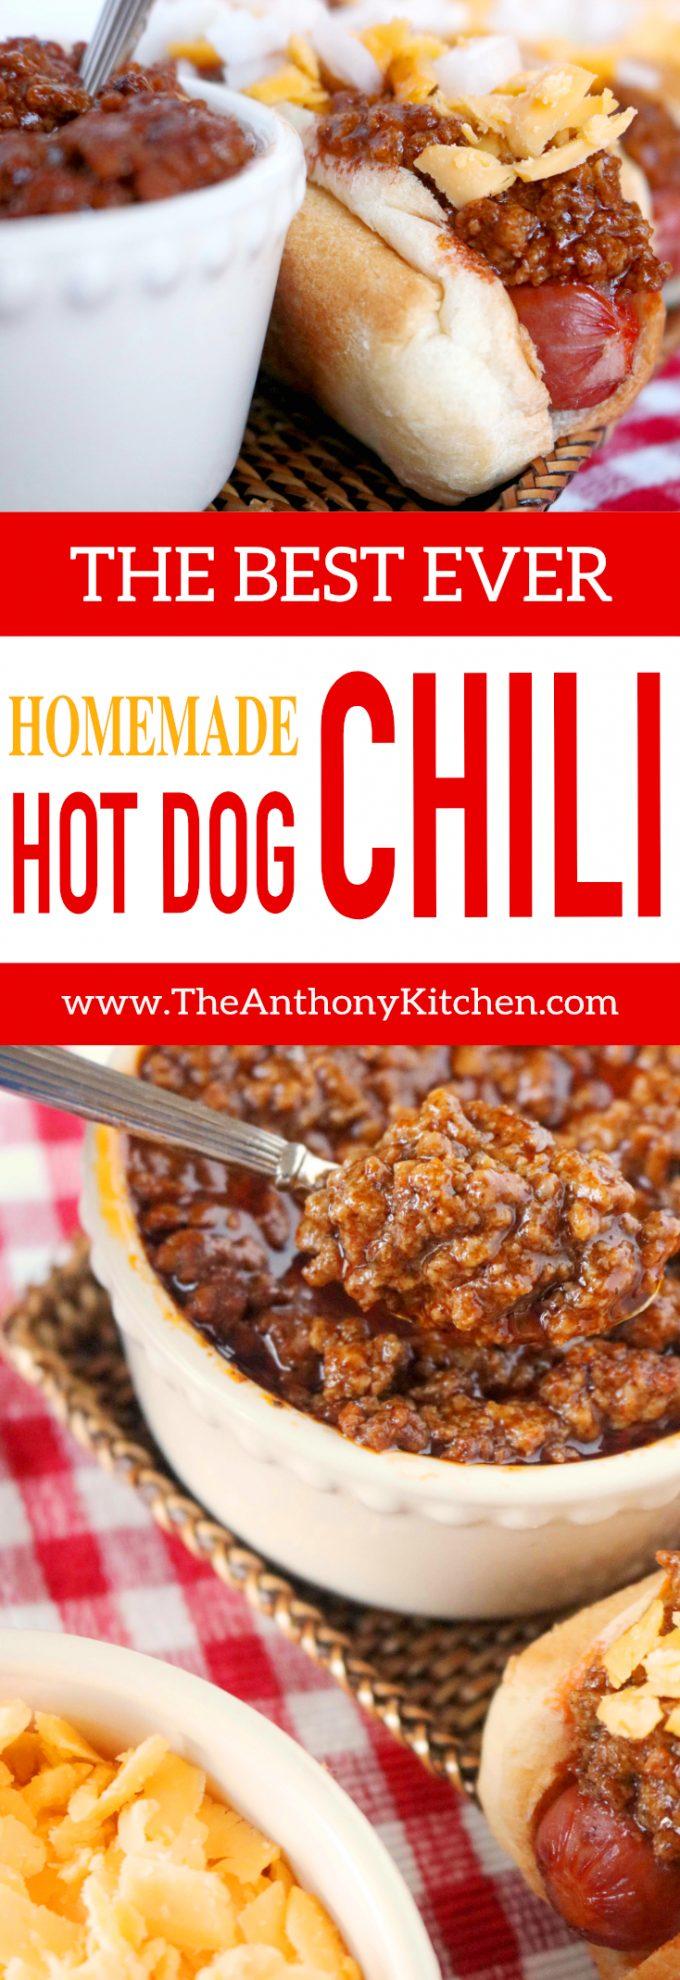 HOMEMADE HOT DOG CHILI | BEST CONEY SAUCE